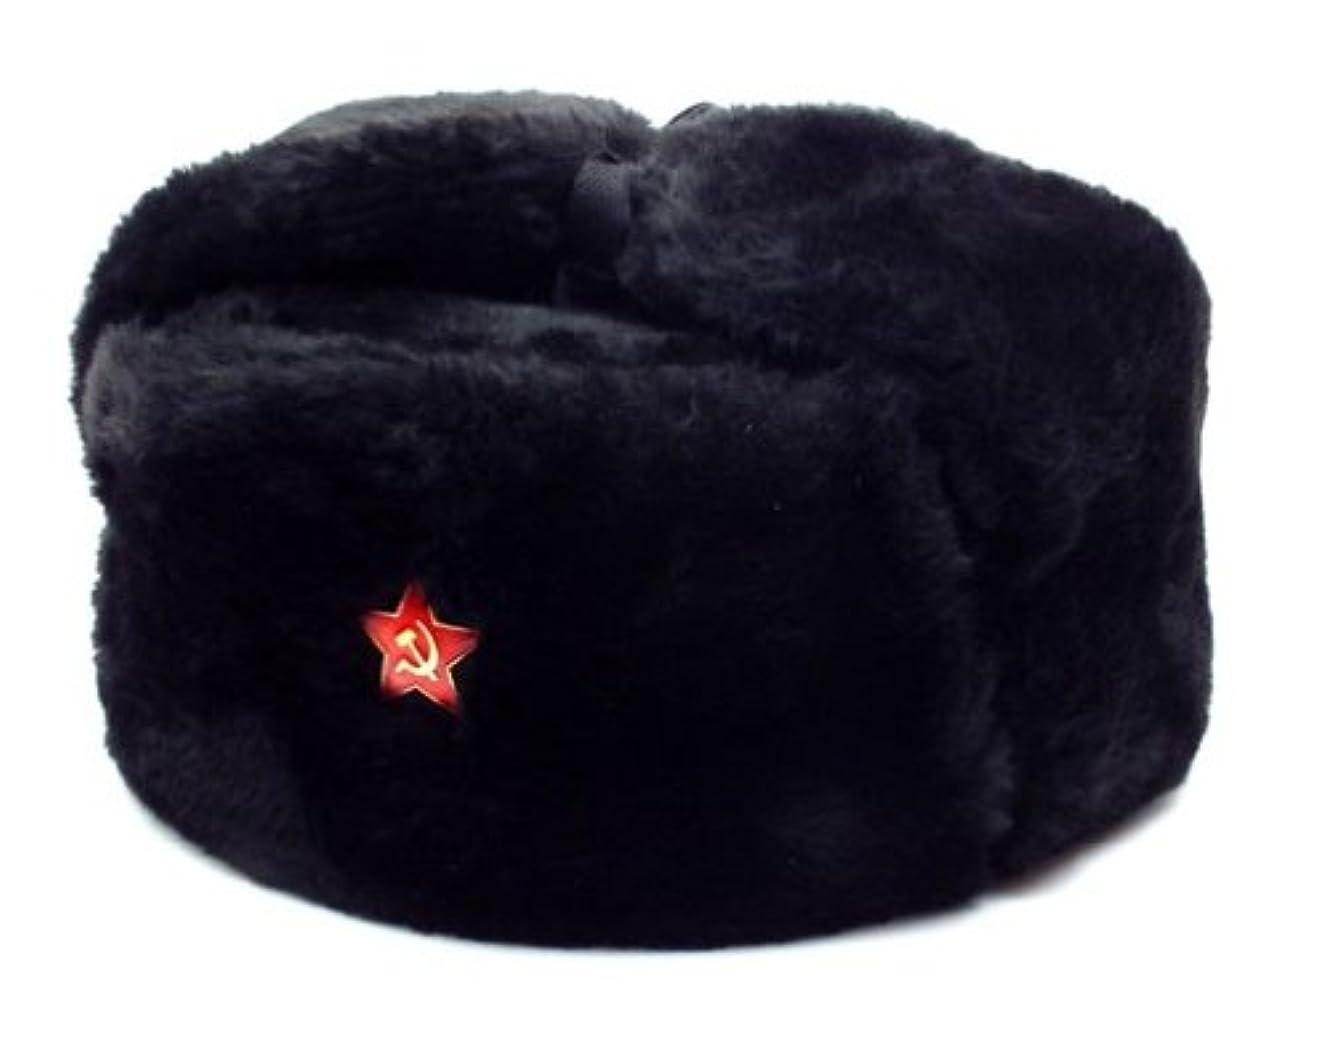 孤独な運動道路本物ロシア軍 Ushanka帽子レッドStar